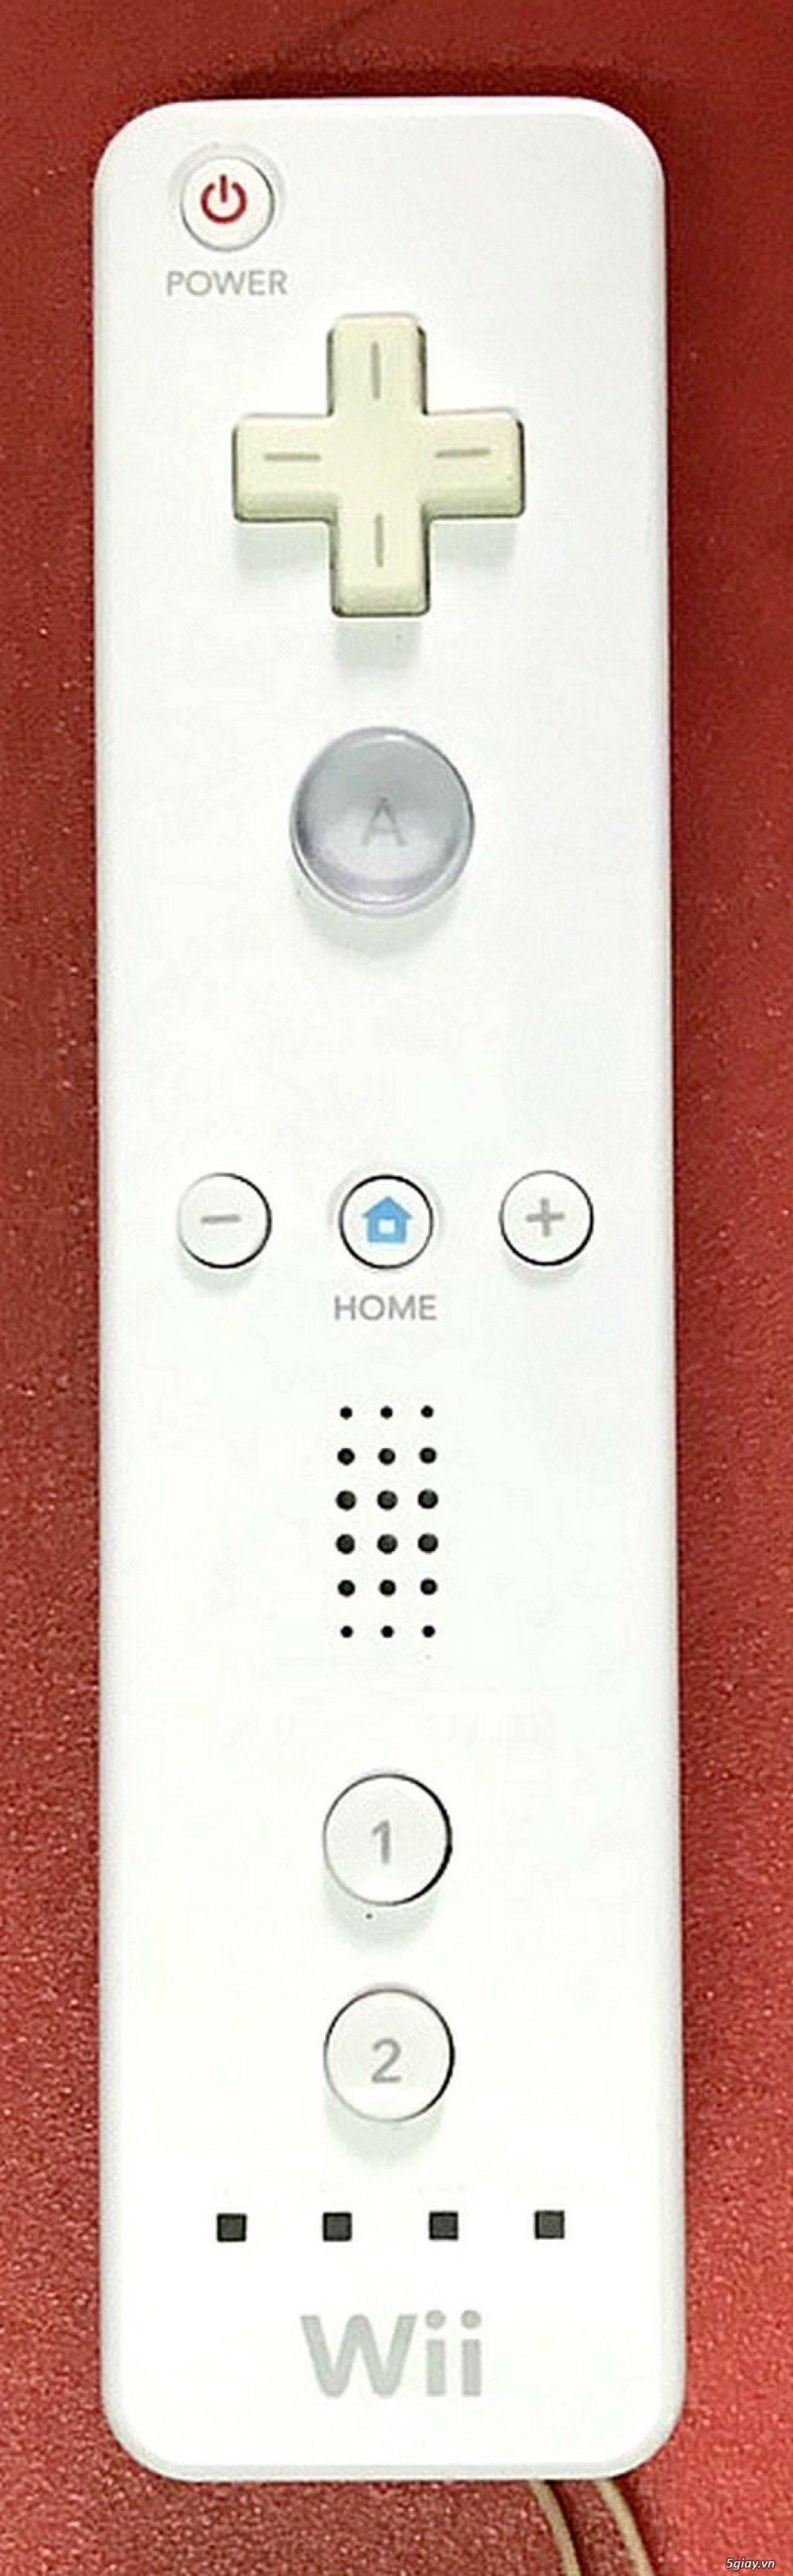 Bộ remote + Nunchuk cho Wii, Adaptor XBOX nhiều thứ linh kiện update thường xuyên... - 3